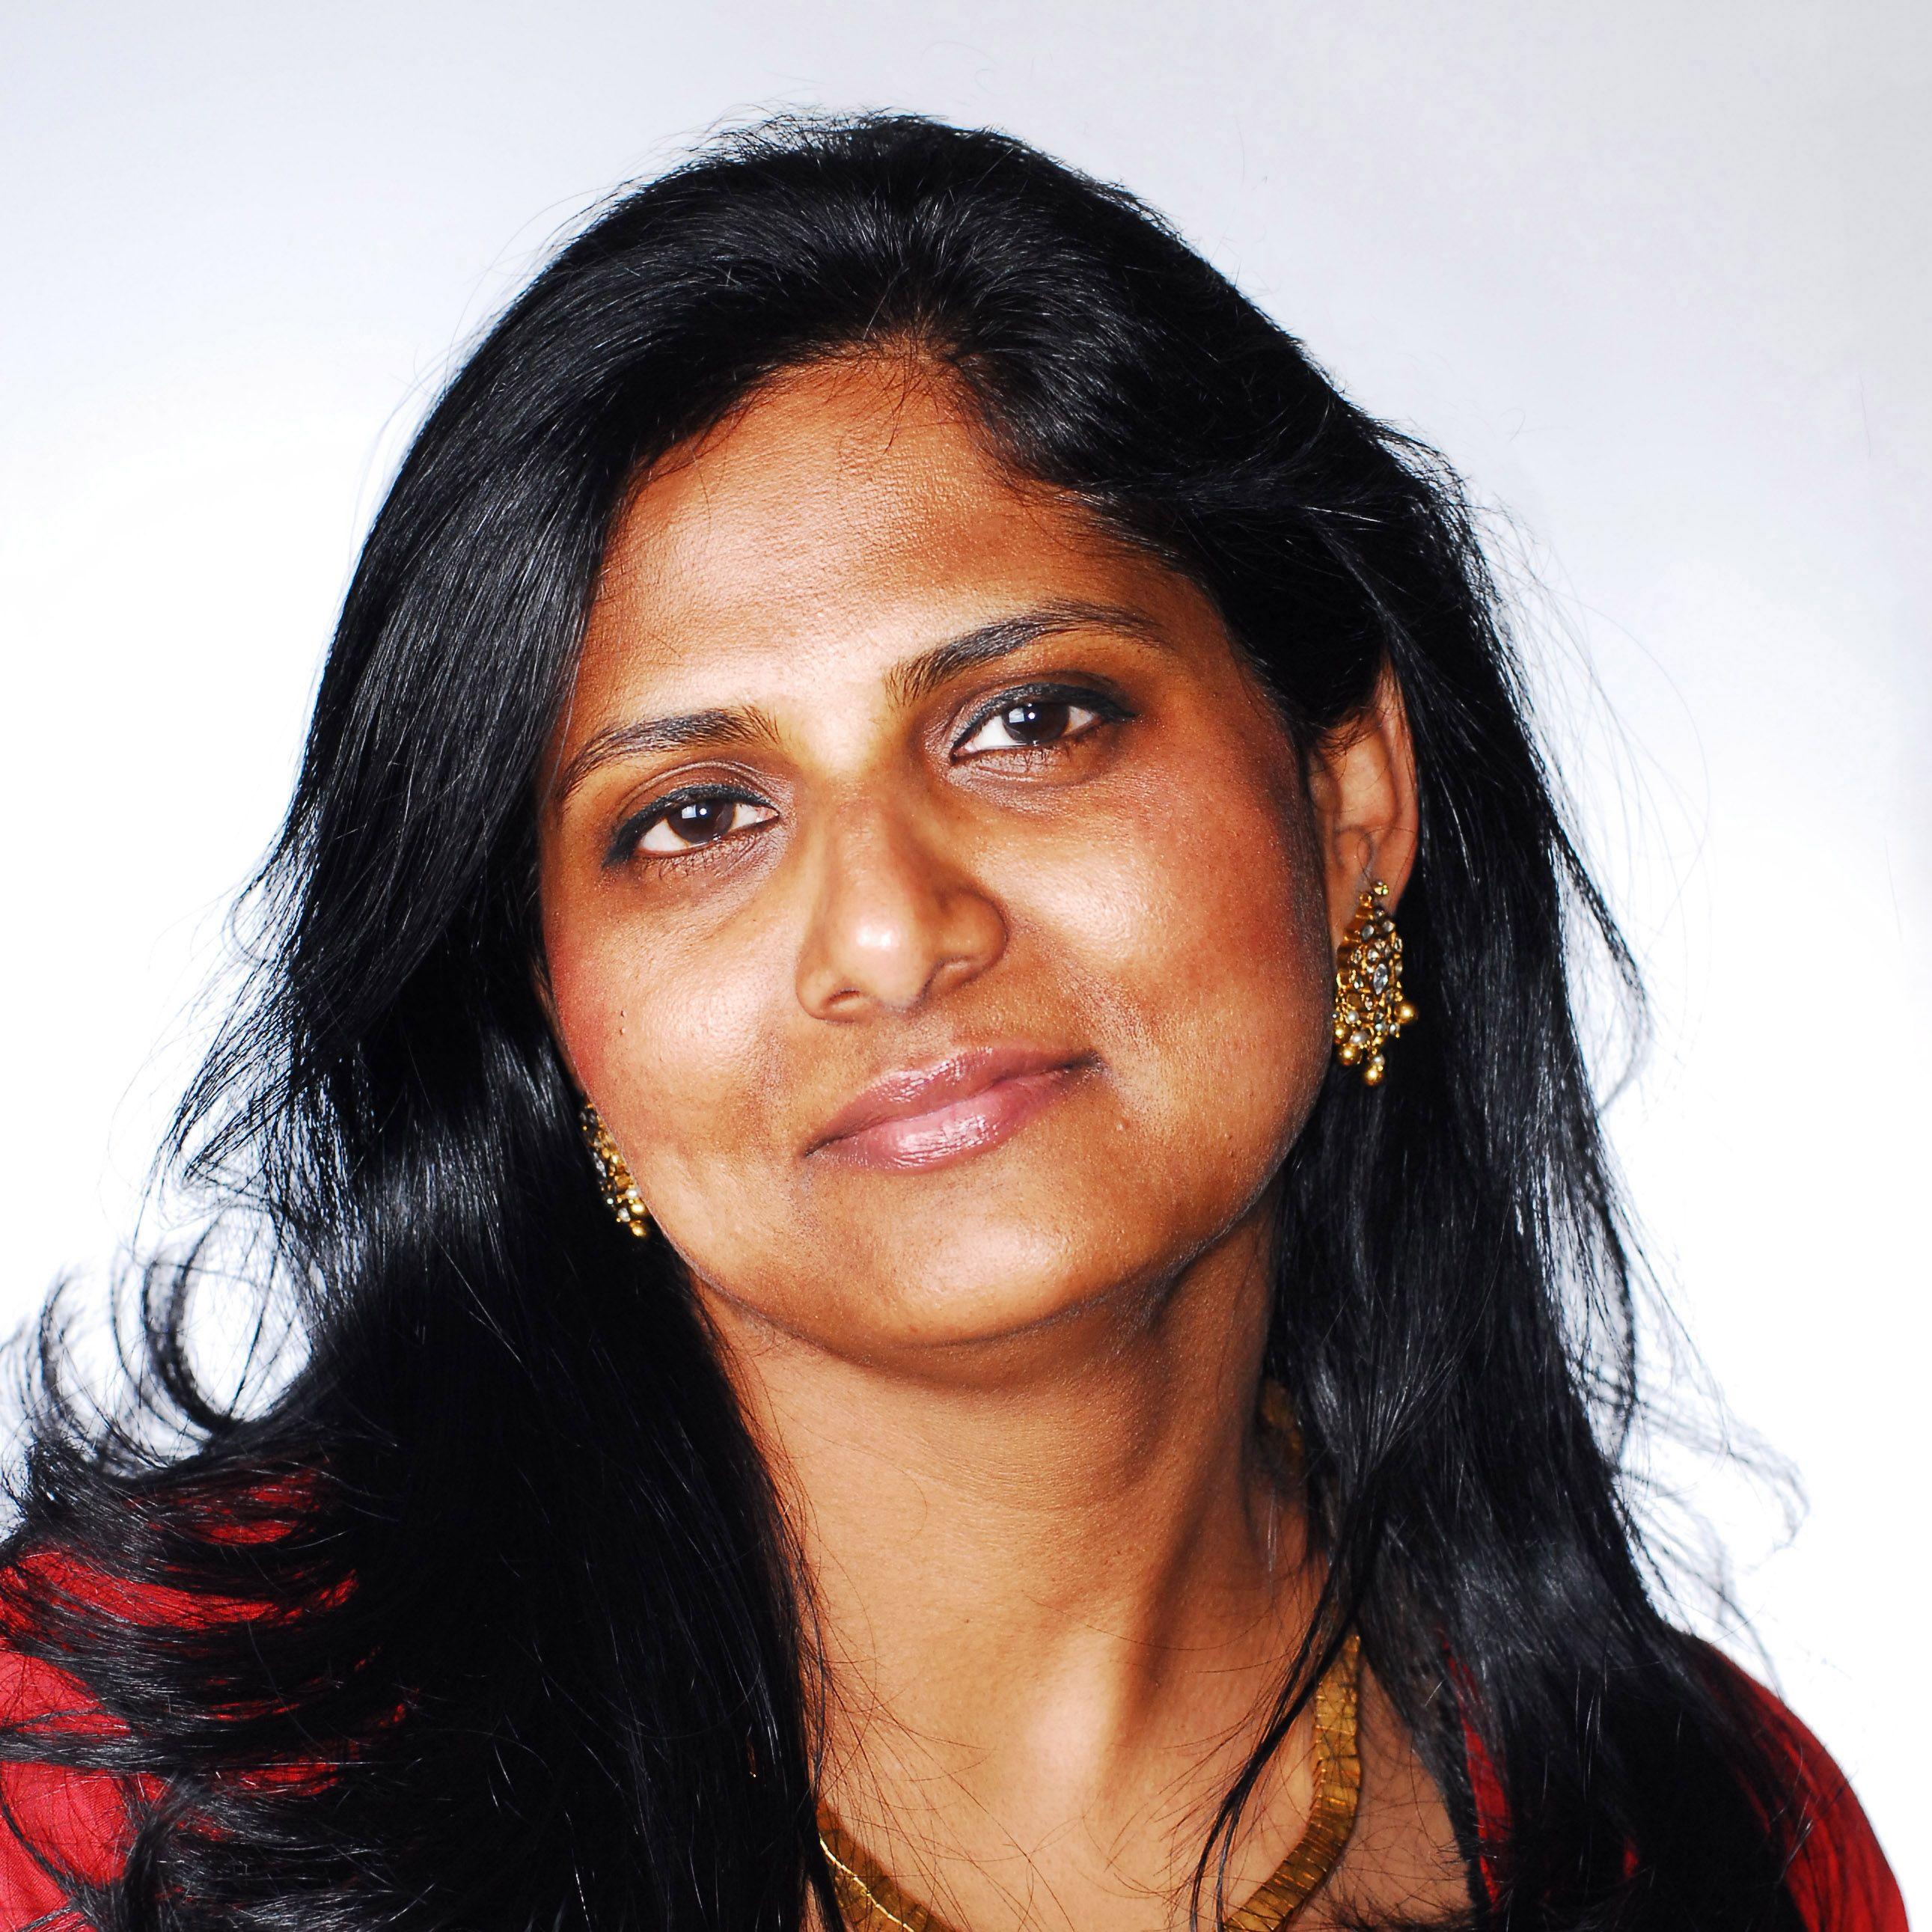 Priyamvada Natarajan